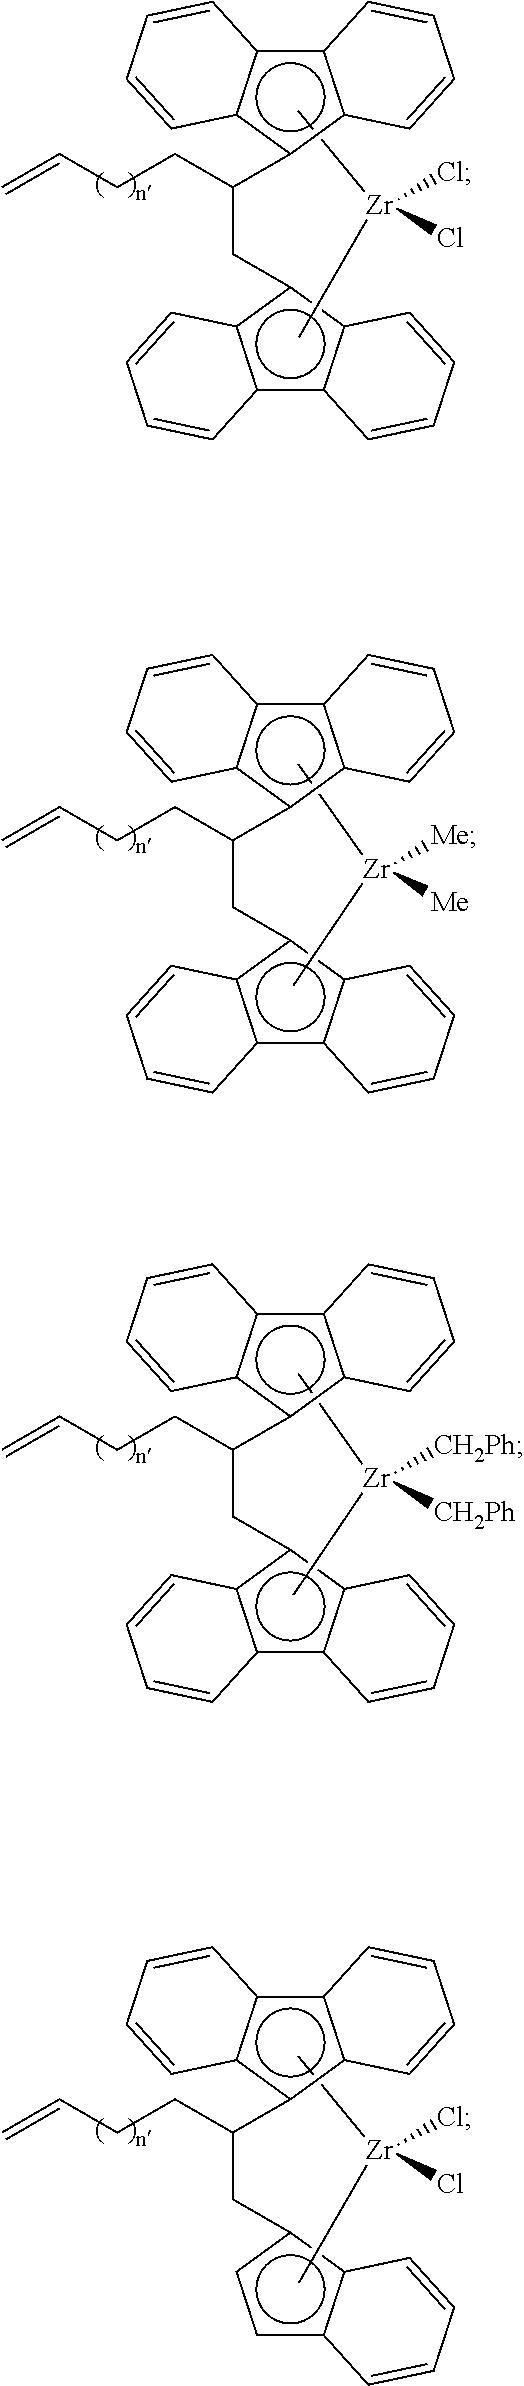 Figure US20110059840A1-20110310-C00015